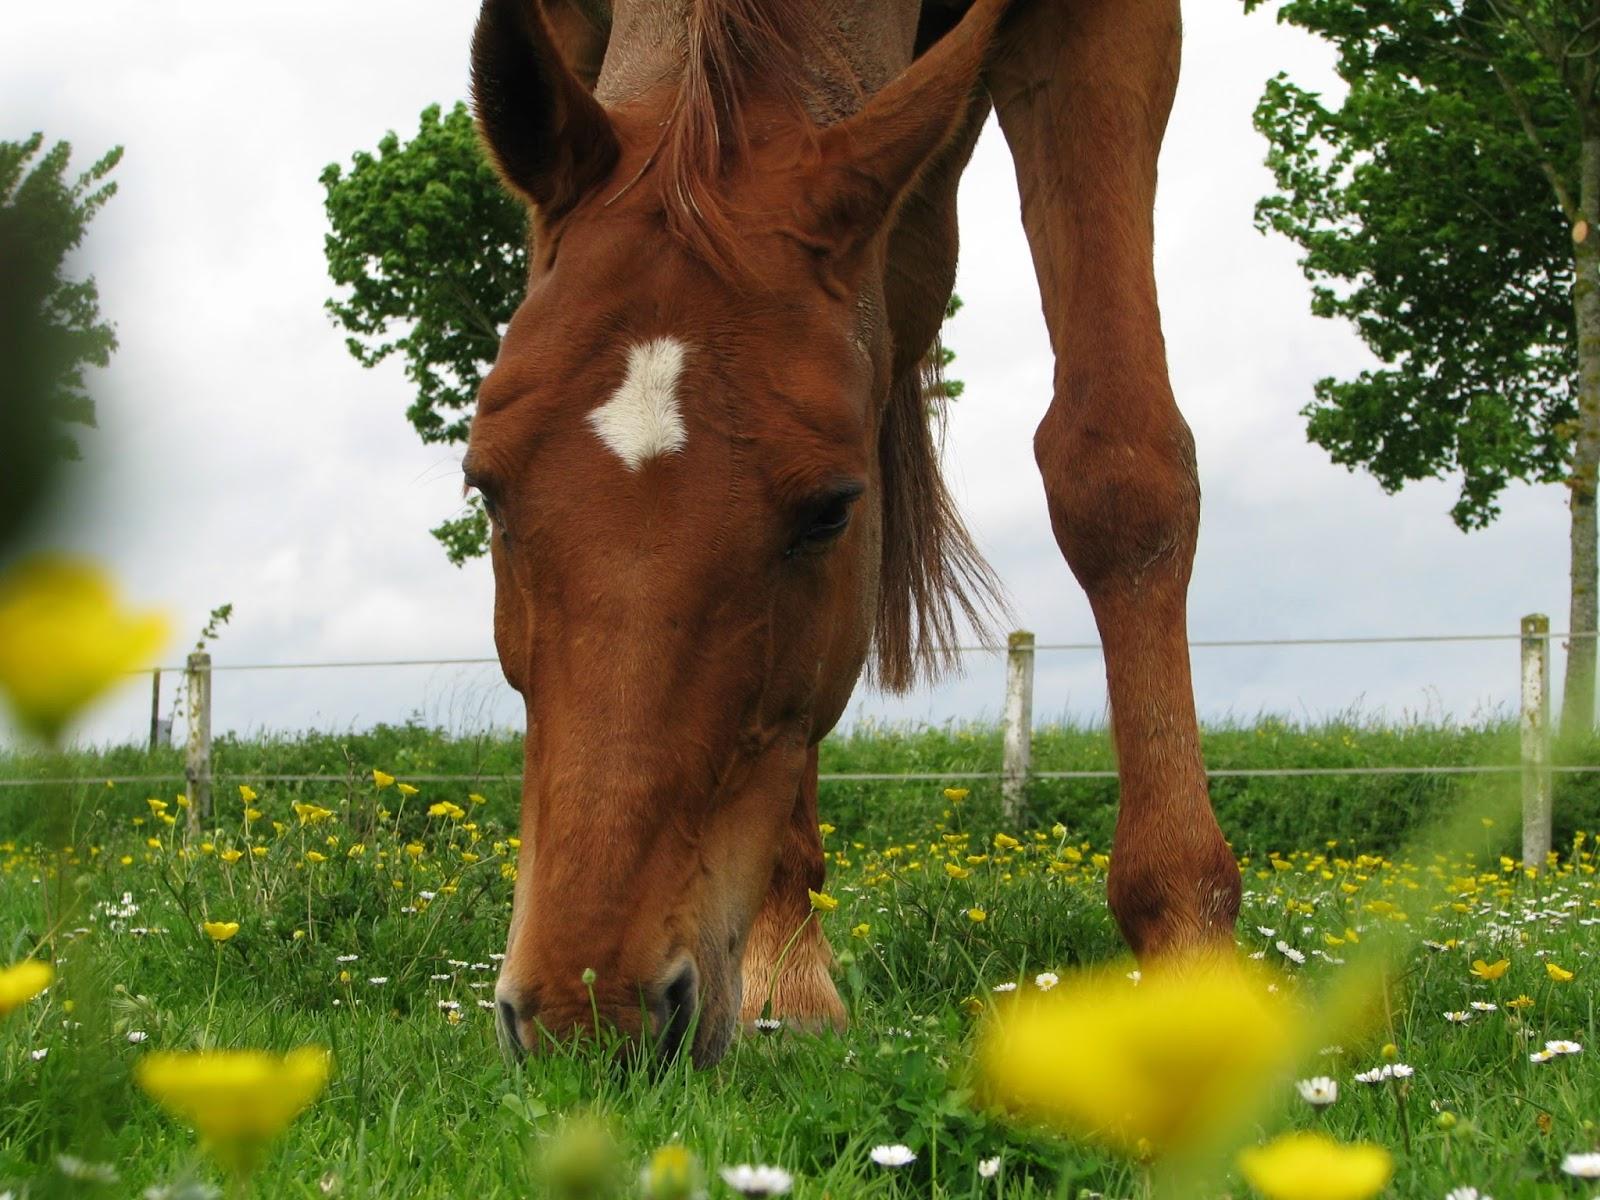 La crini re blonde blog de r flexions questres les - Tchoupi et le cheval ...